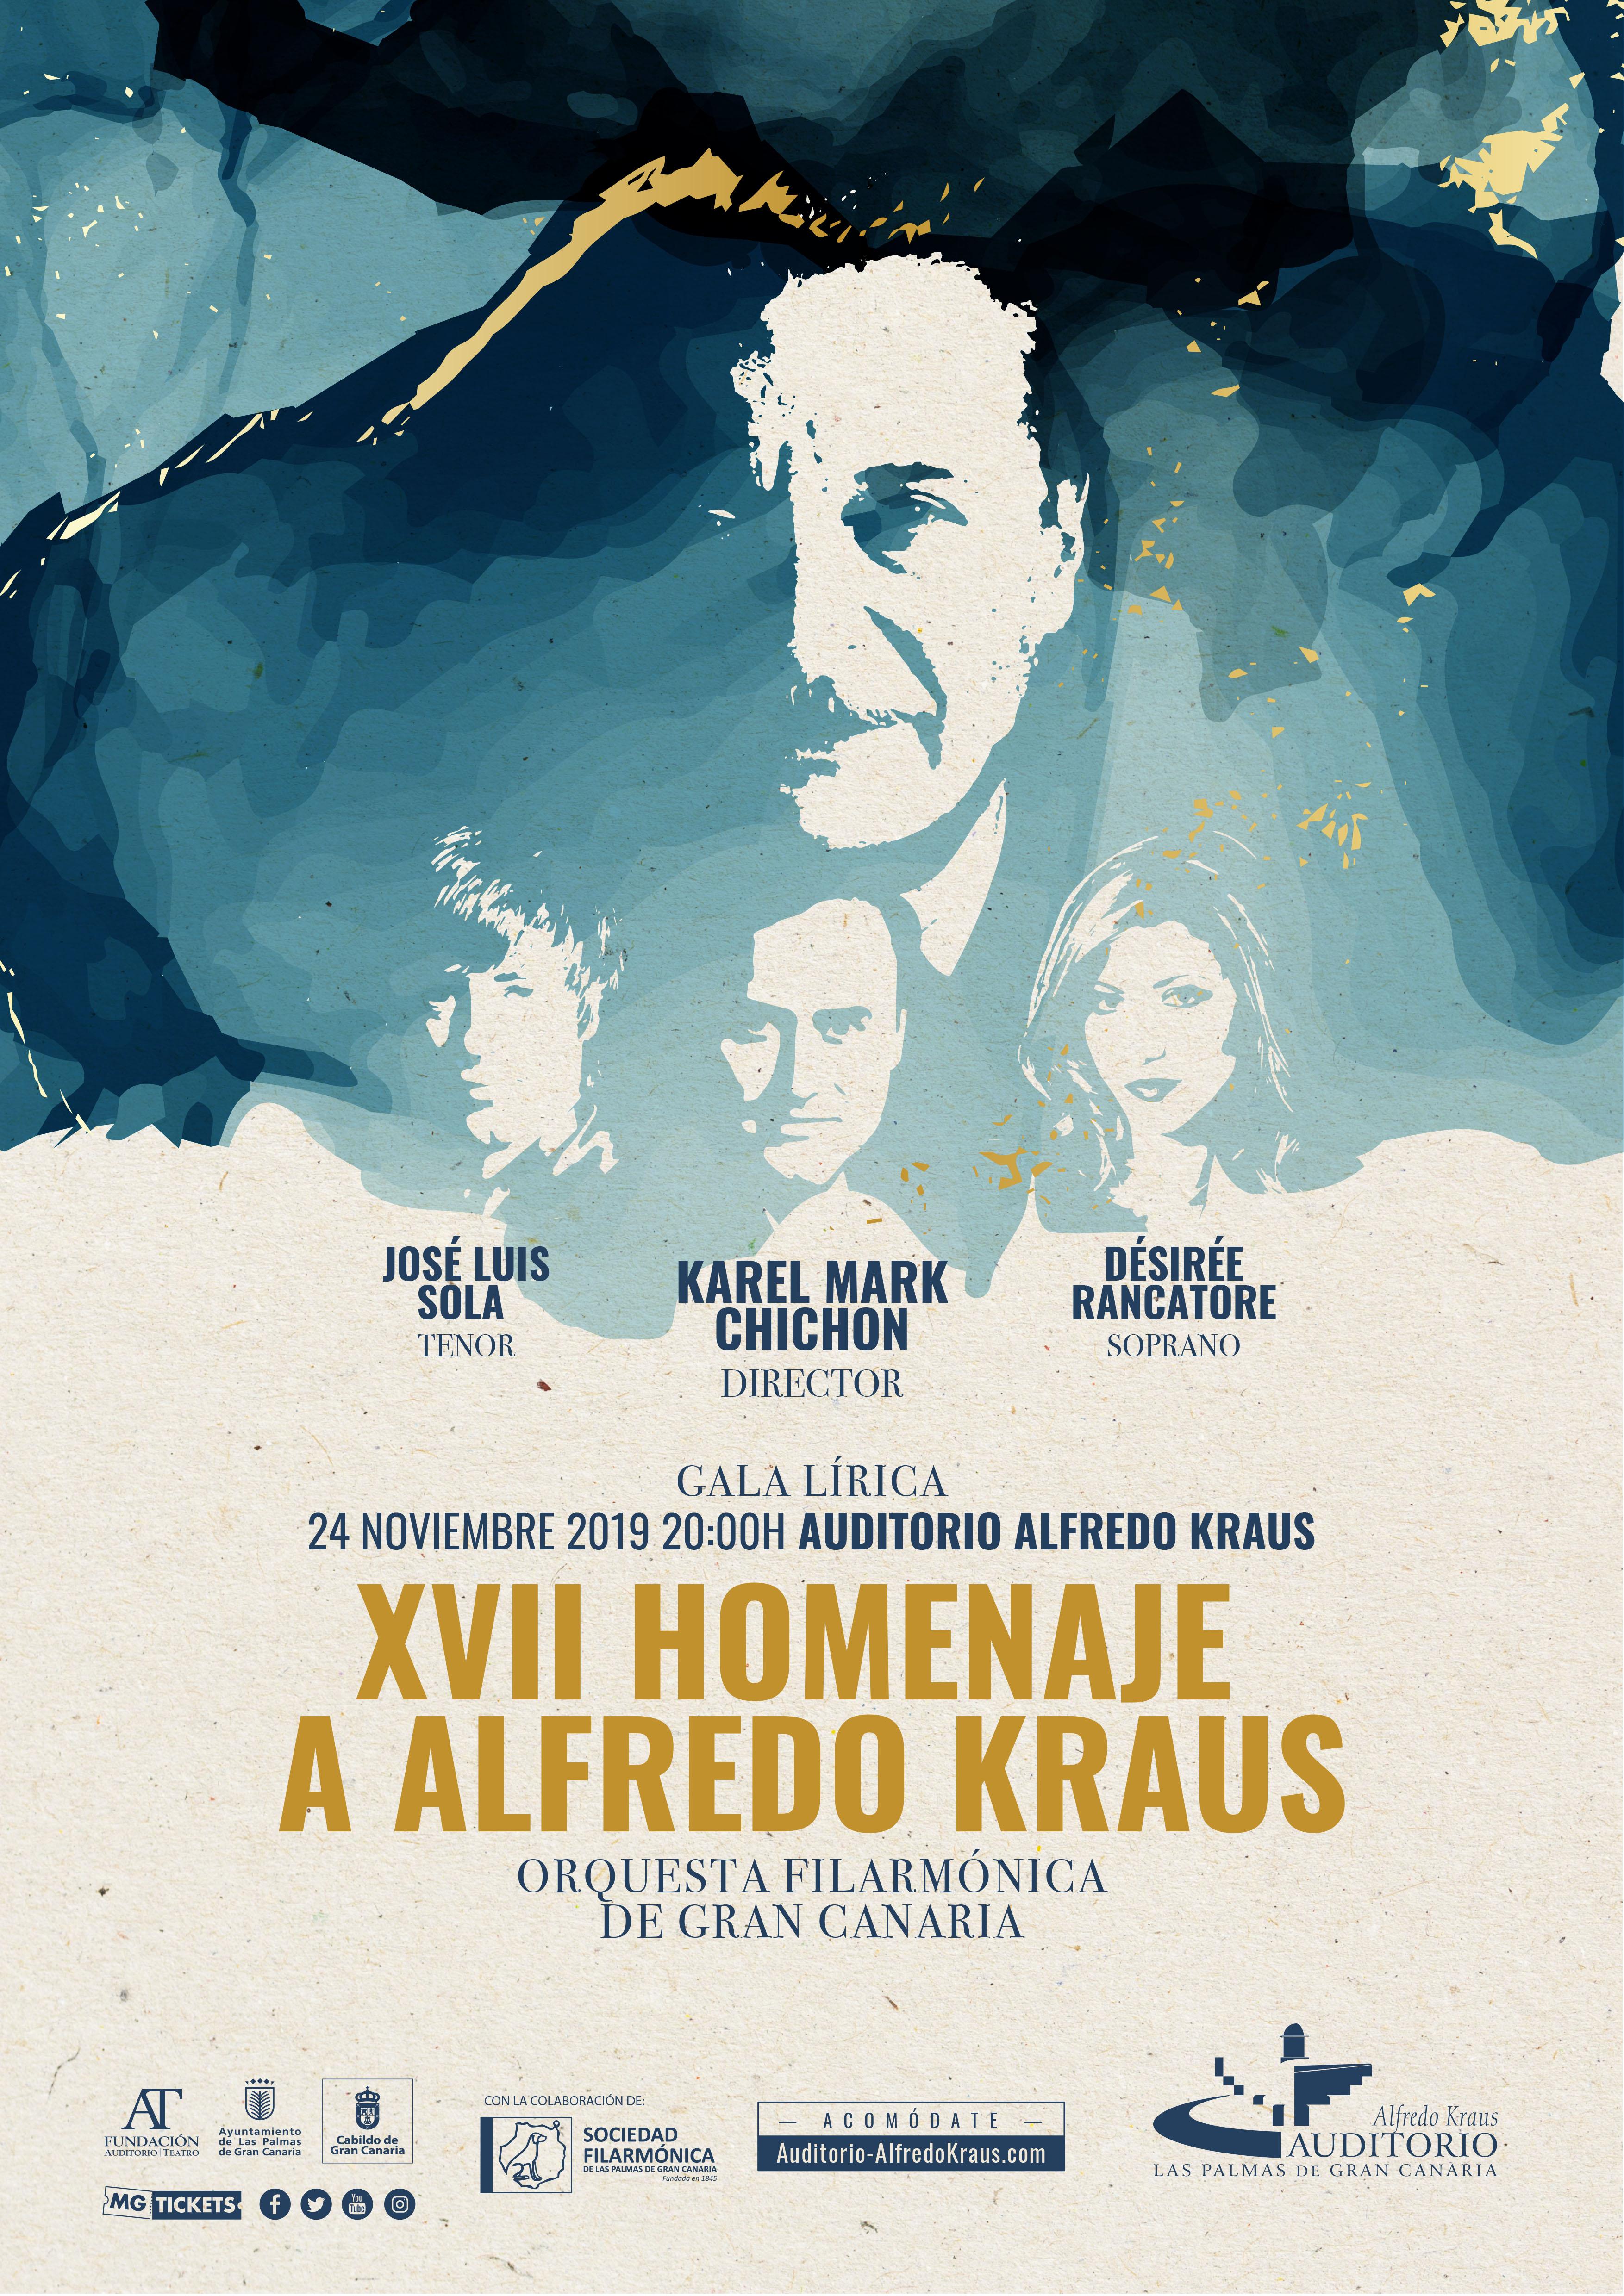 La soprano Désirée Rancatore, el tenor José Luis Sola y la Orquesta Filarmónica de Gran Canaria dirigida por  Karel Mark Chichon protagonizan la XVII edición del homenaje a Alfredo Kraus